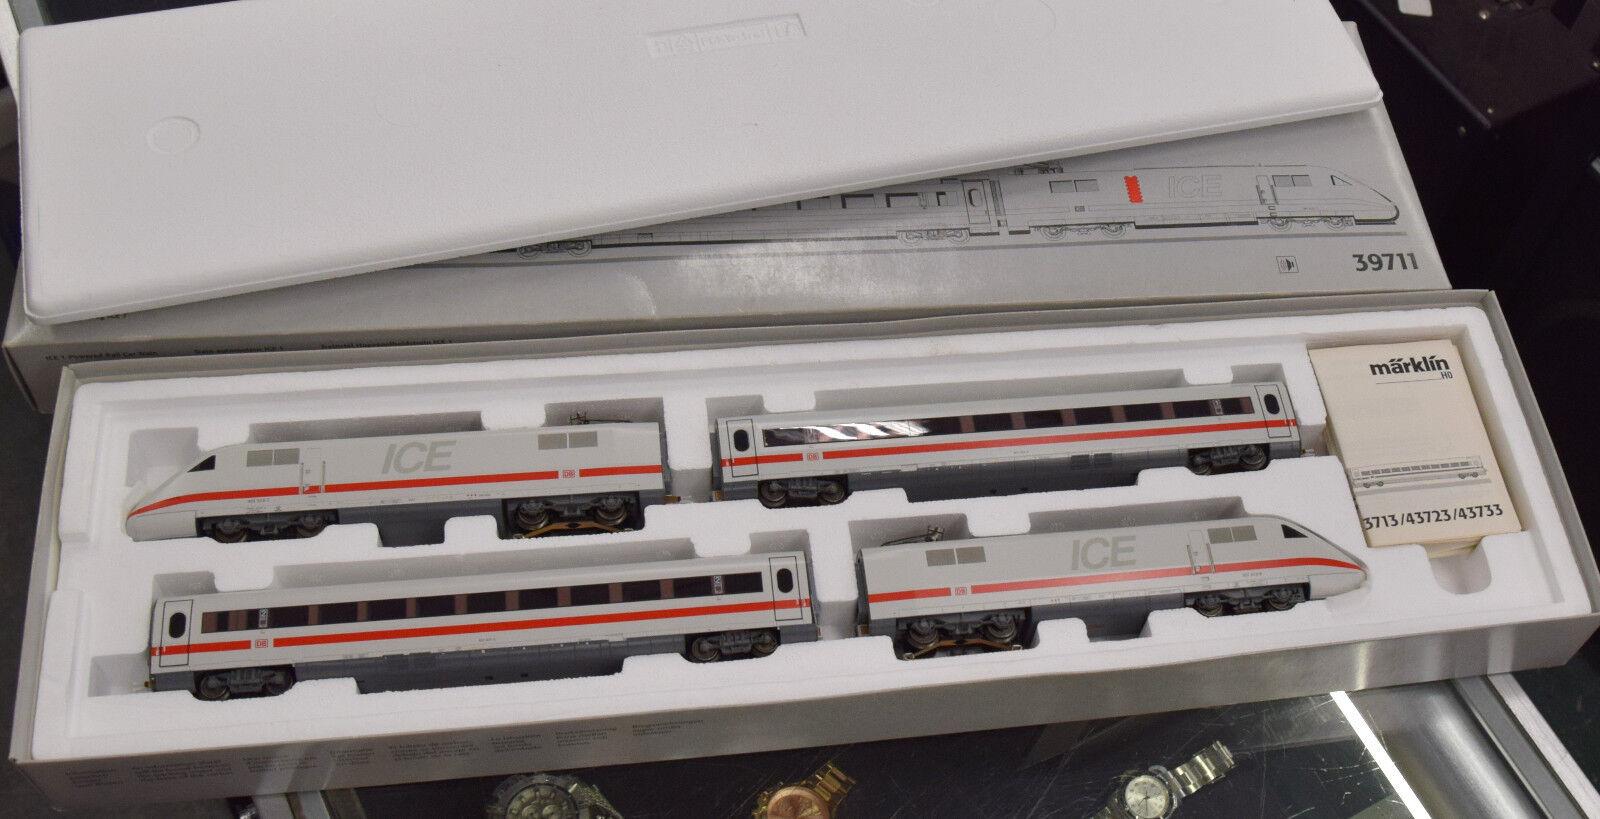 MARKLIN 39711 HO 4 CAR TRAIN SET ICE GERMAN FEDERAL RAILWAYS